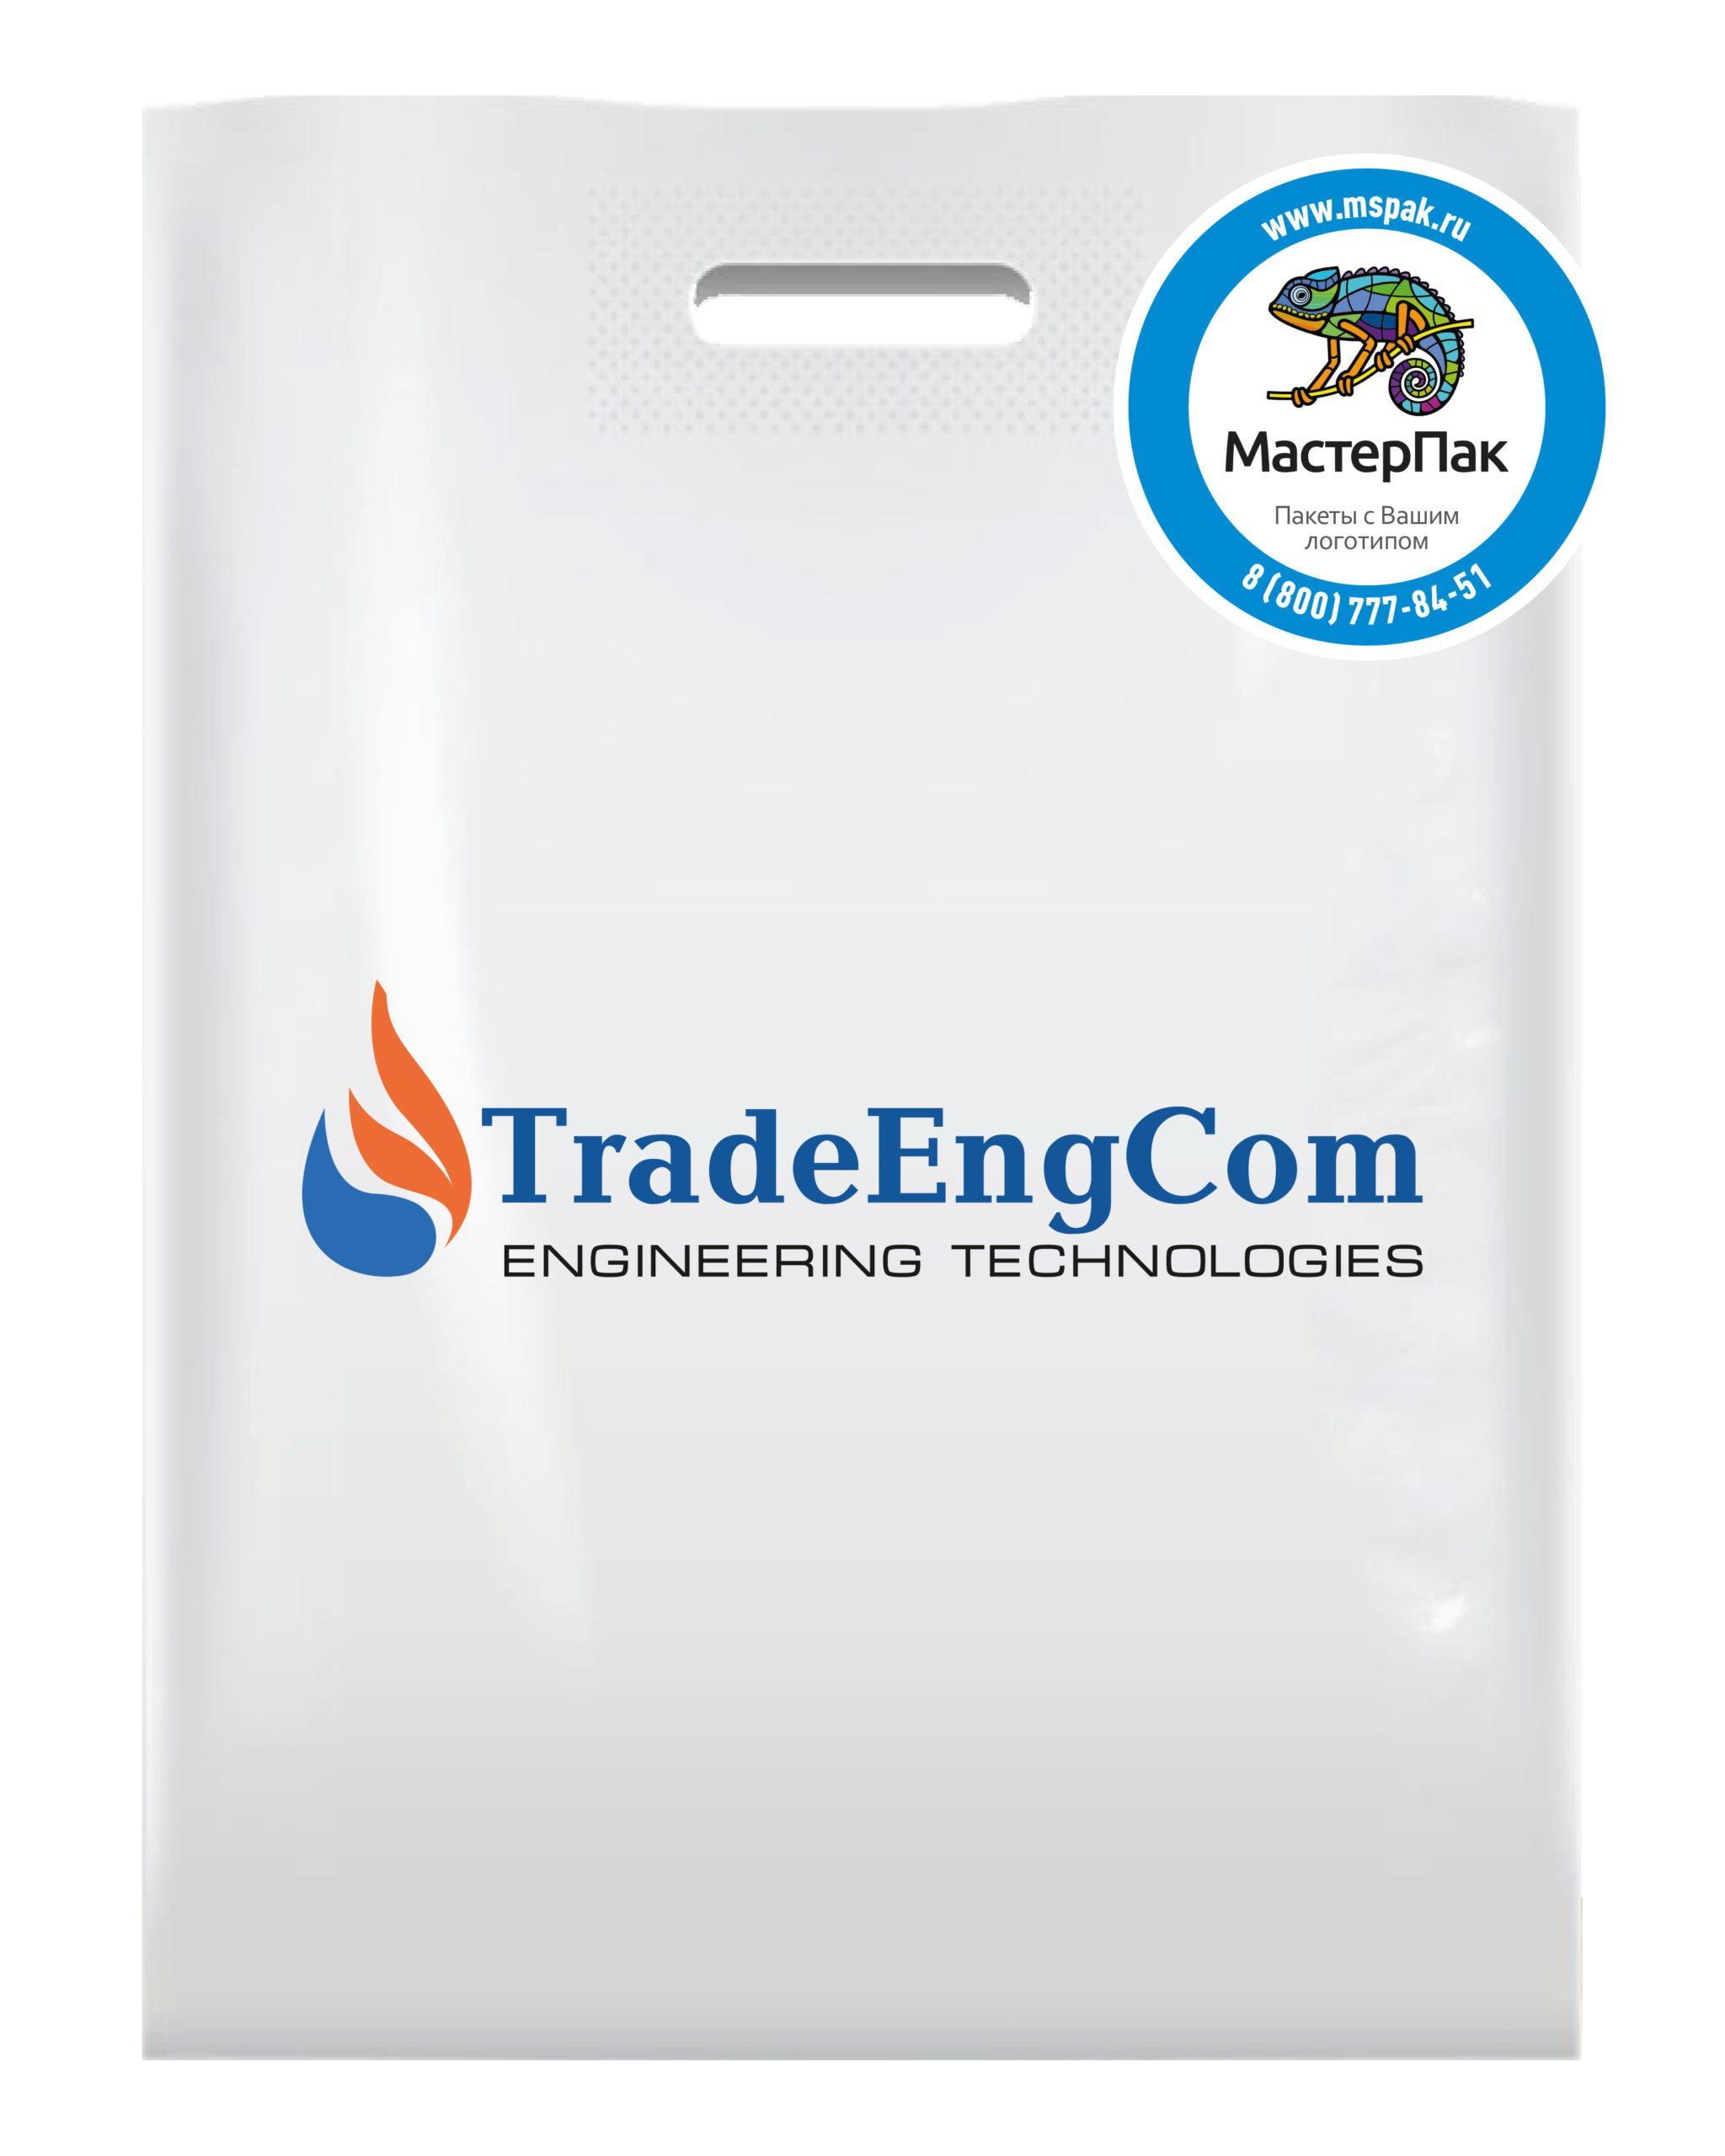 Пакет ПВД с прорубной ручкой и логотипом TradeEngCom, 70 мкм